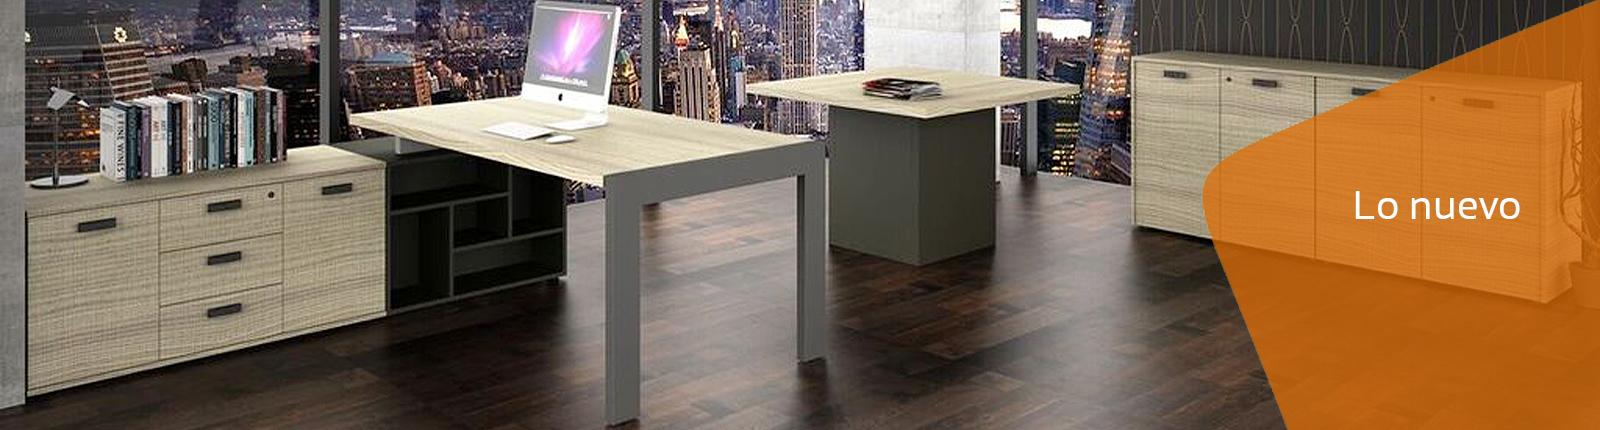 muebles para la oficina muebles de oficina escritorios